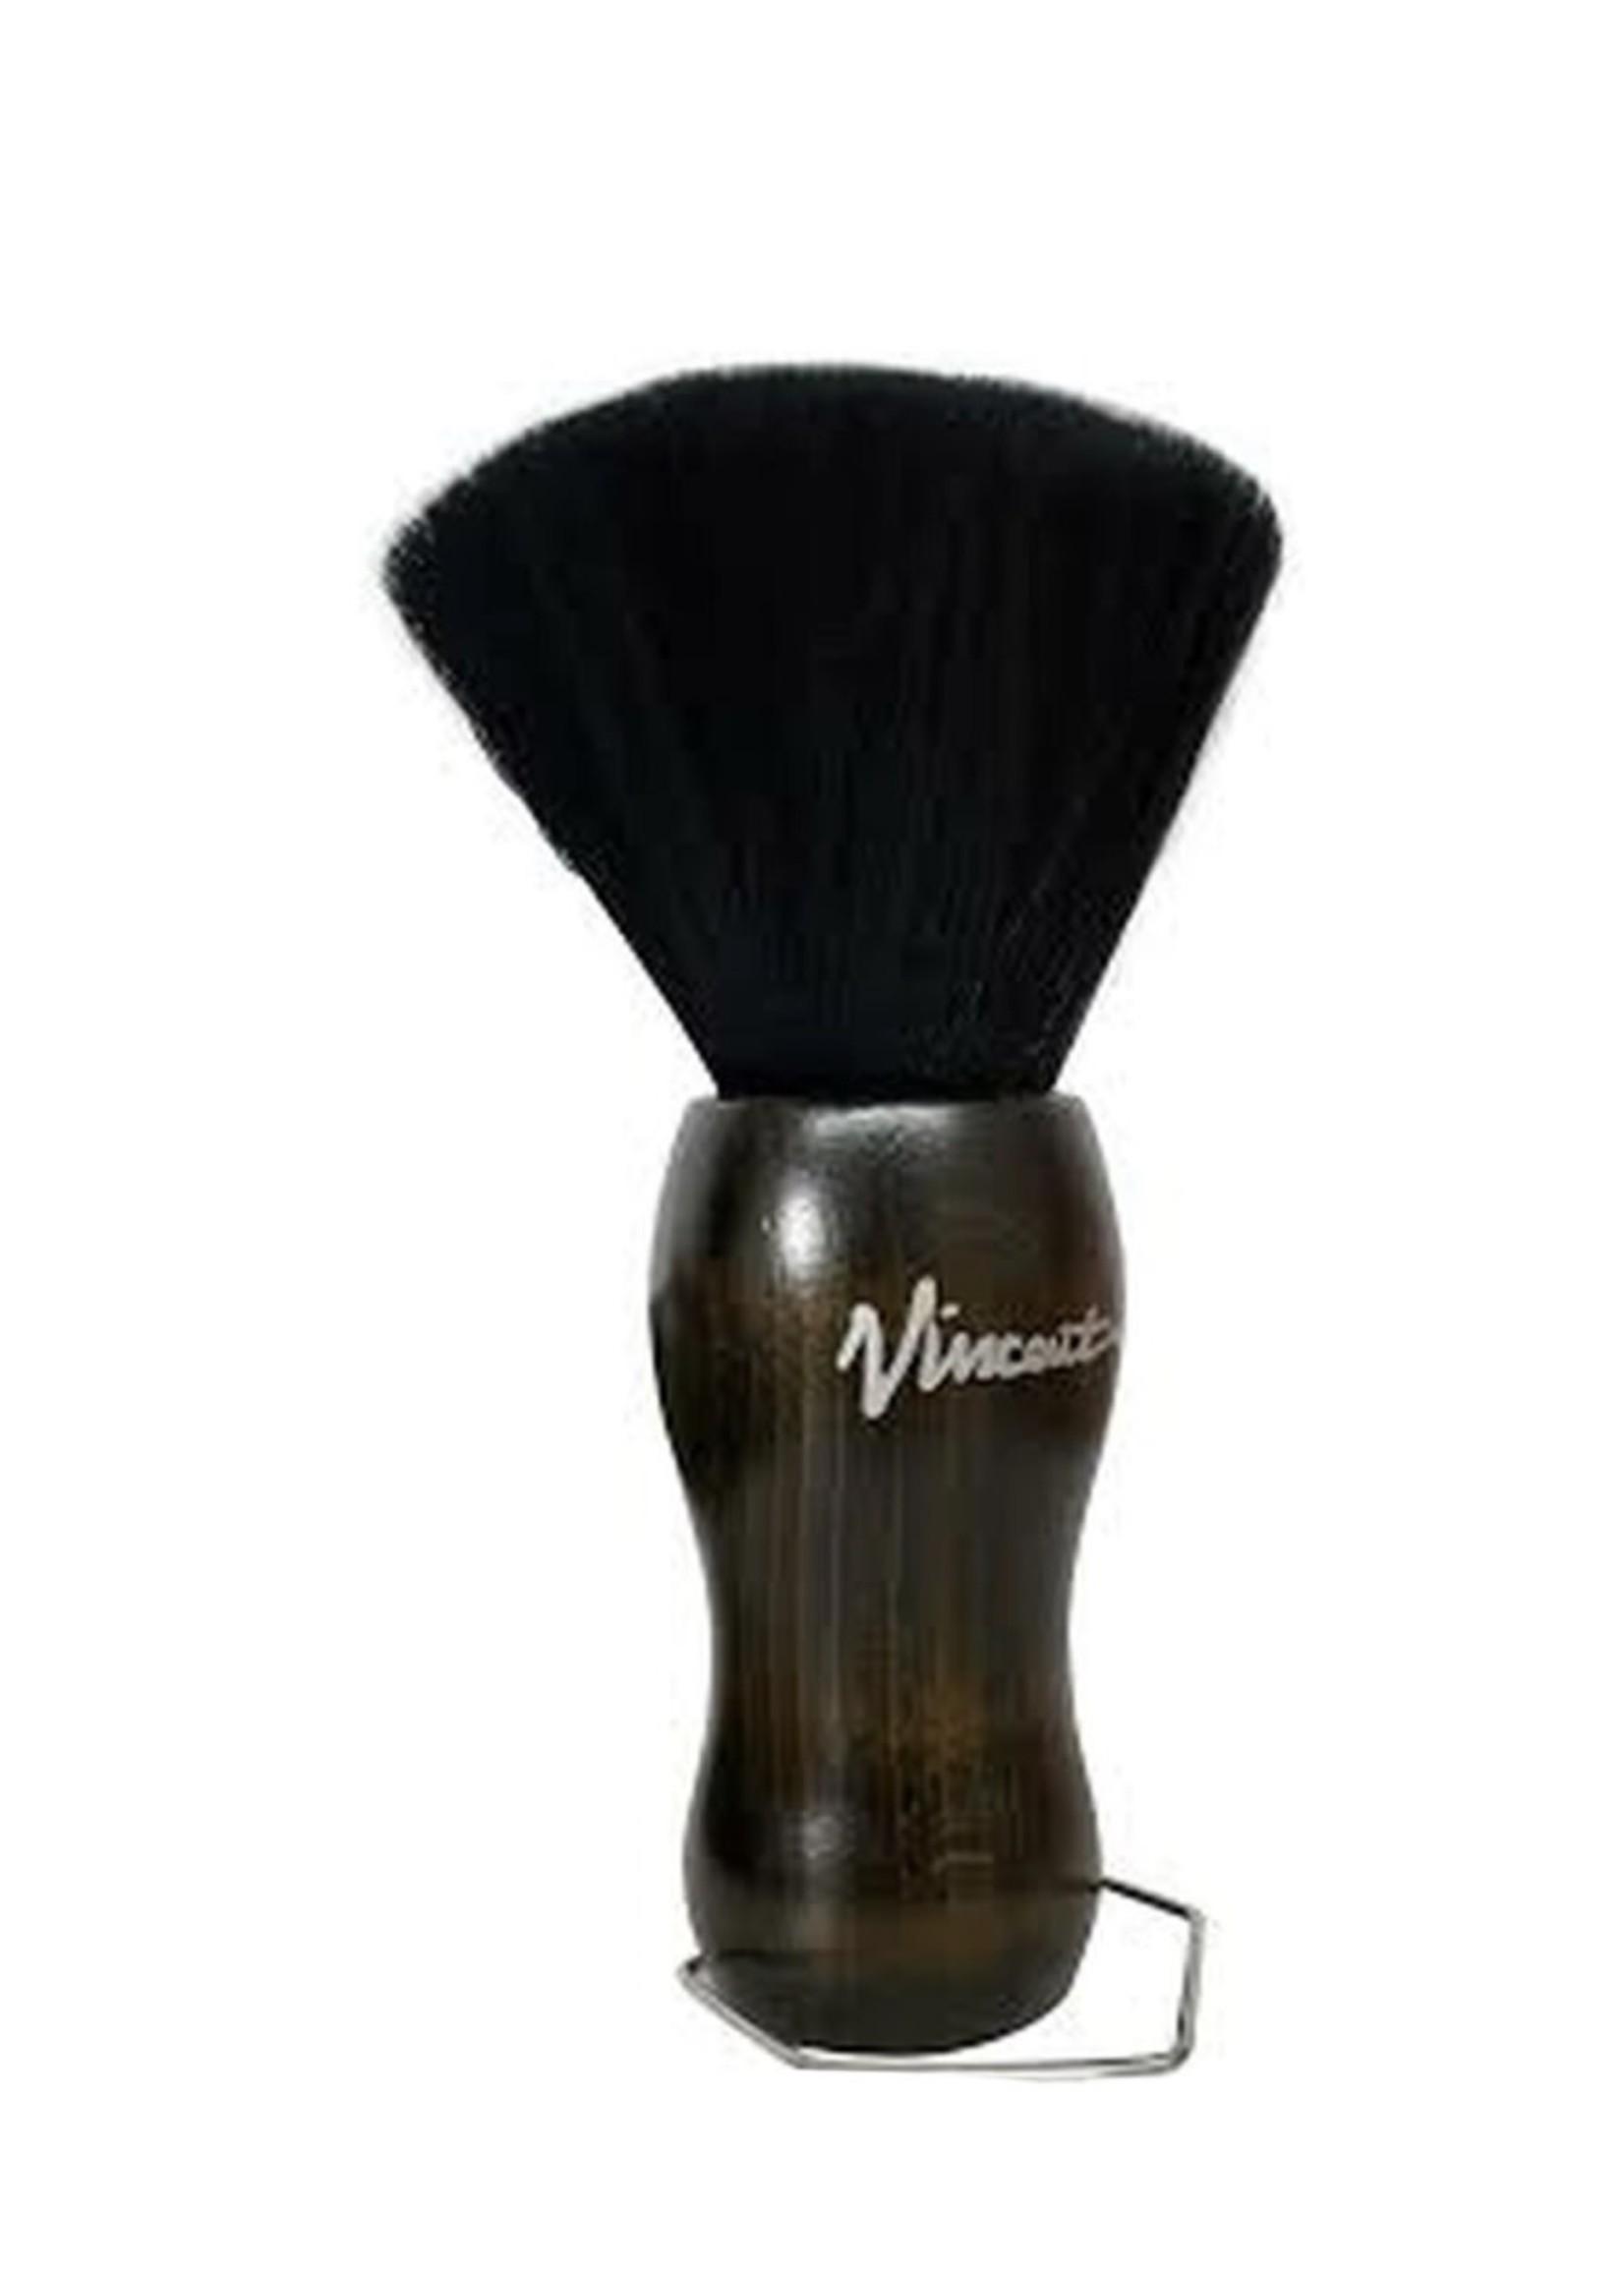 Vincent Vincent Premium Classic Neck Duster